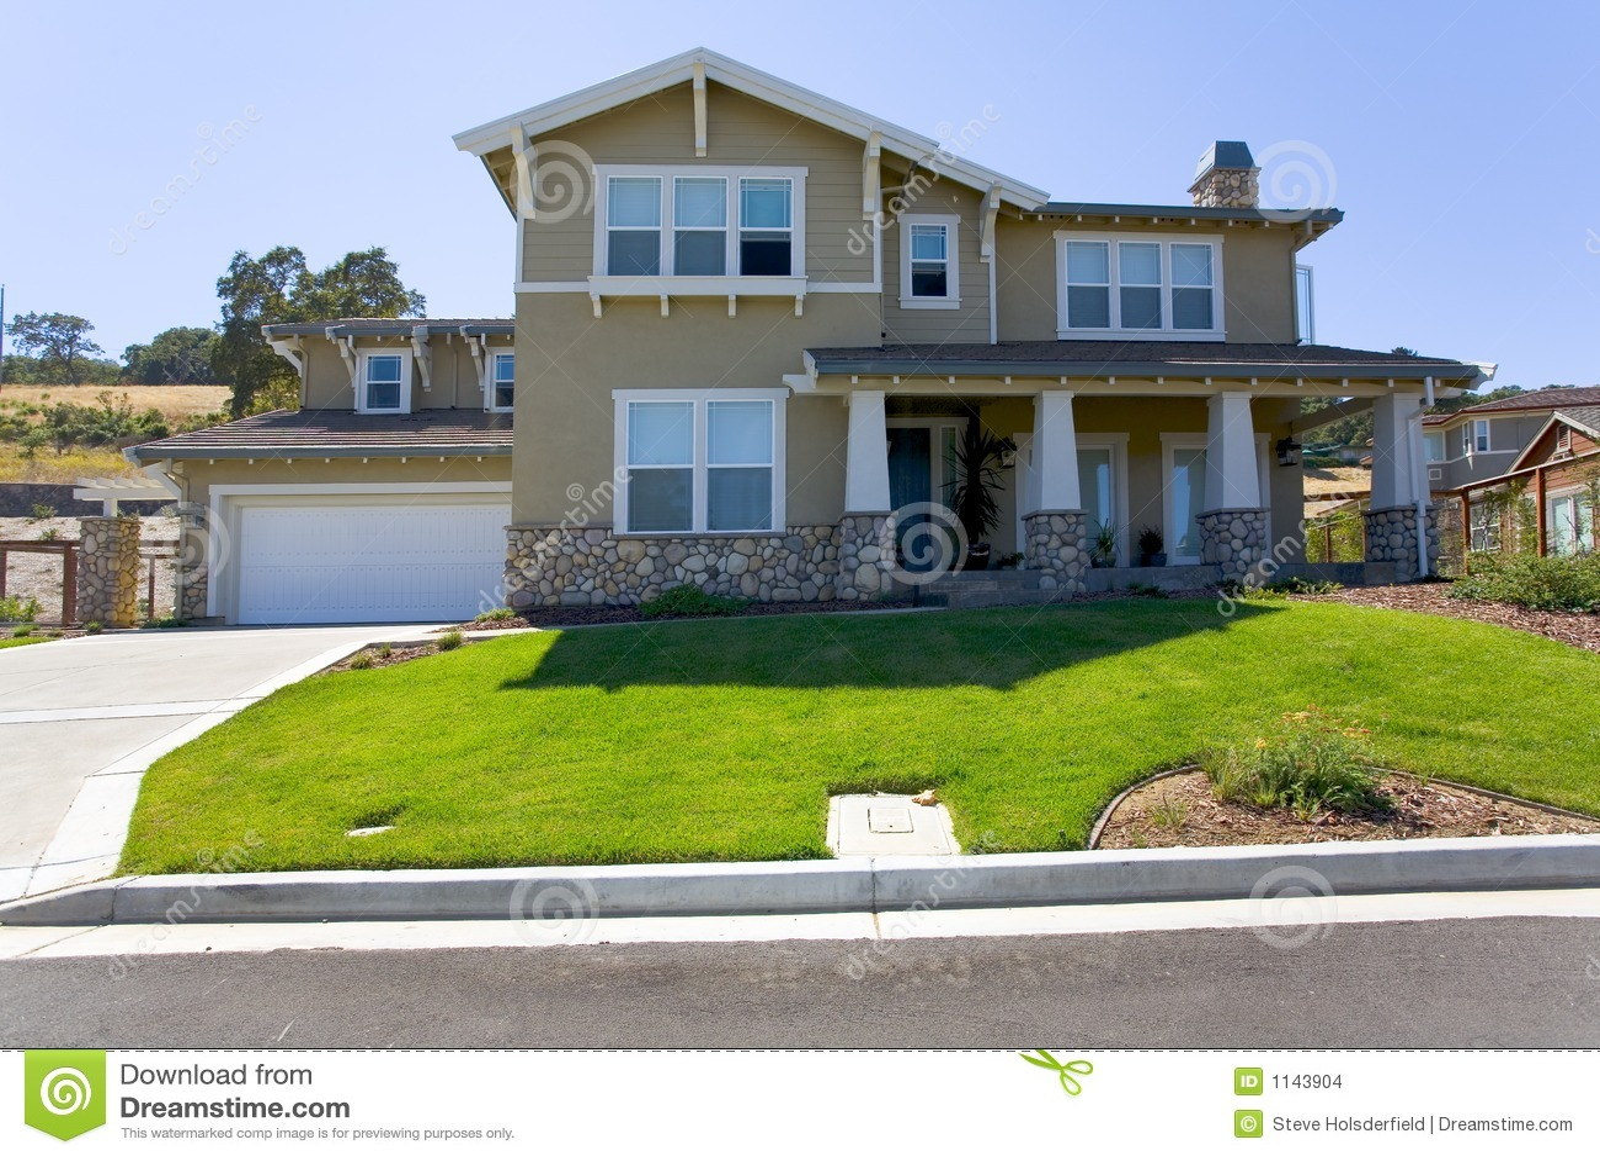 grande maison luxueuse images stock image 1143904 rever d une grande maison